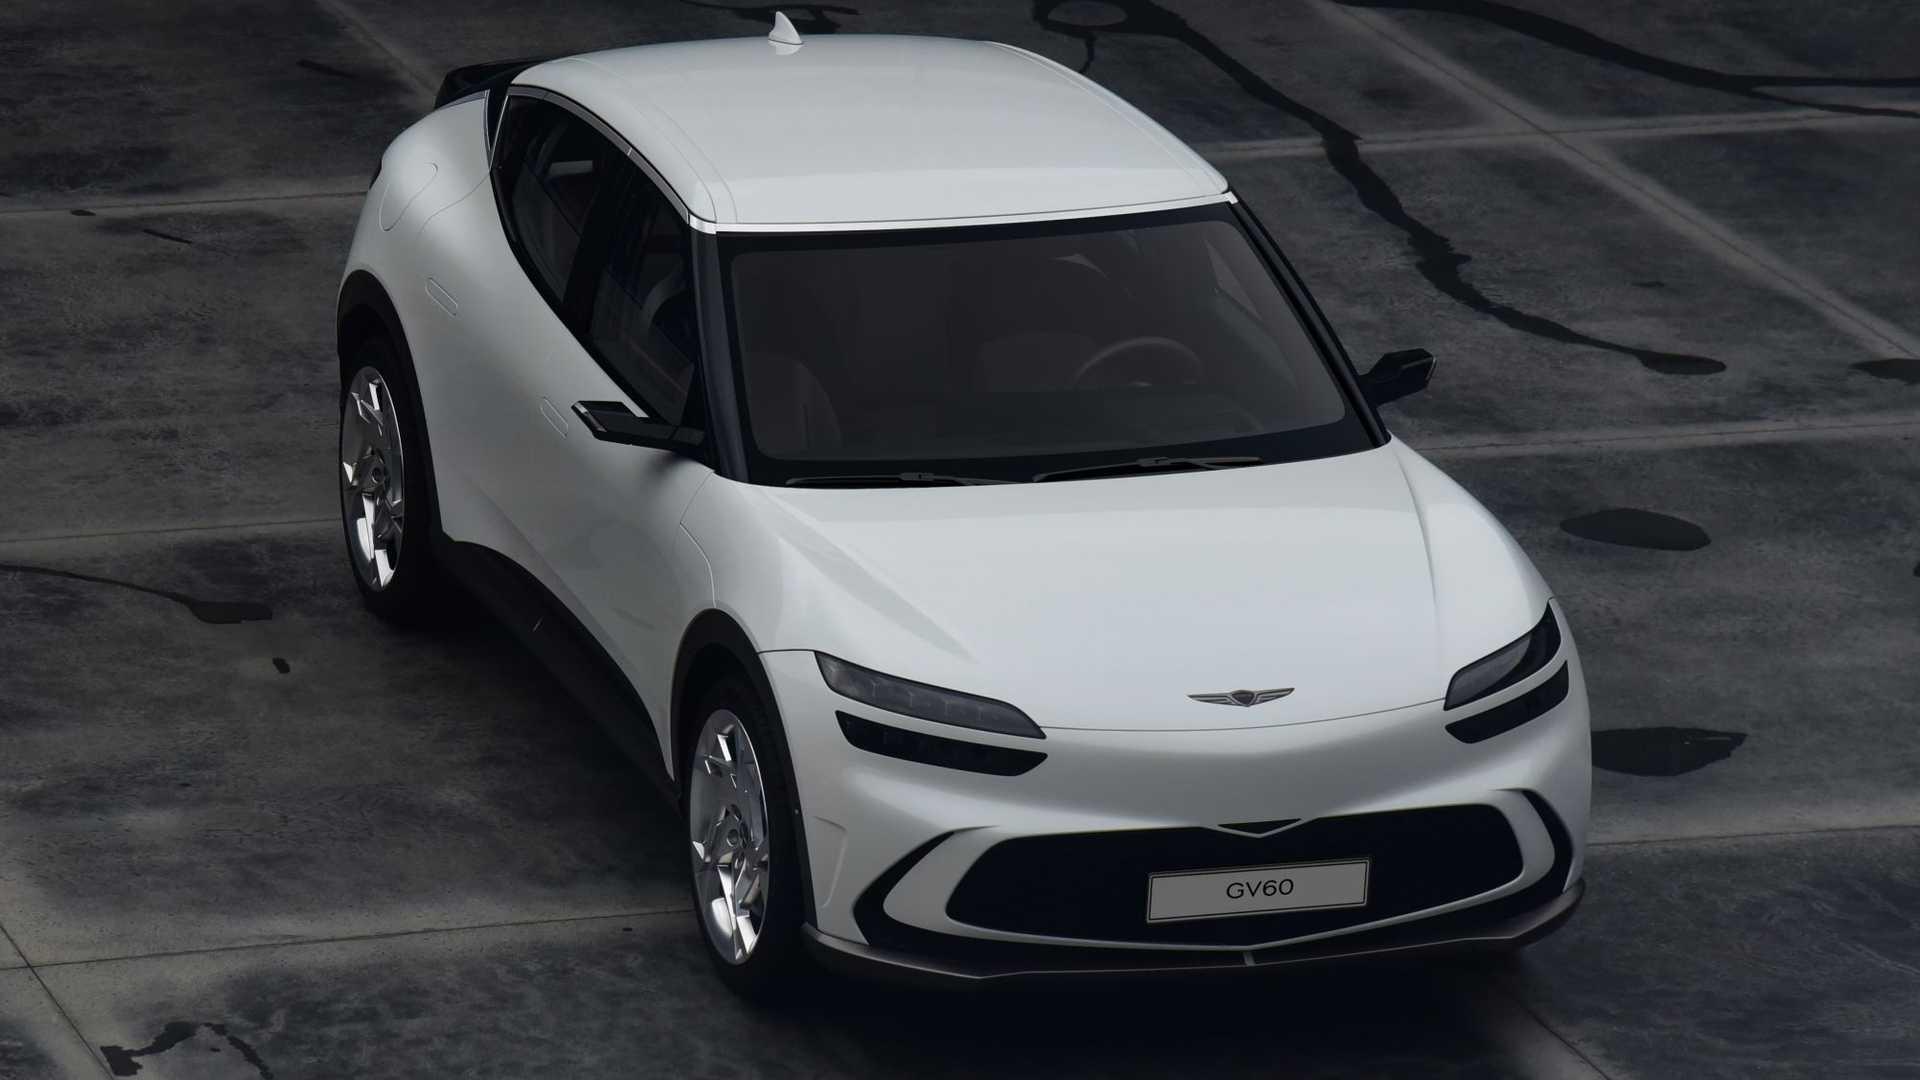 Genesis стремится конкурировать с немецкими брендами в сегменте роскошных автомобилей